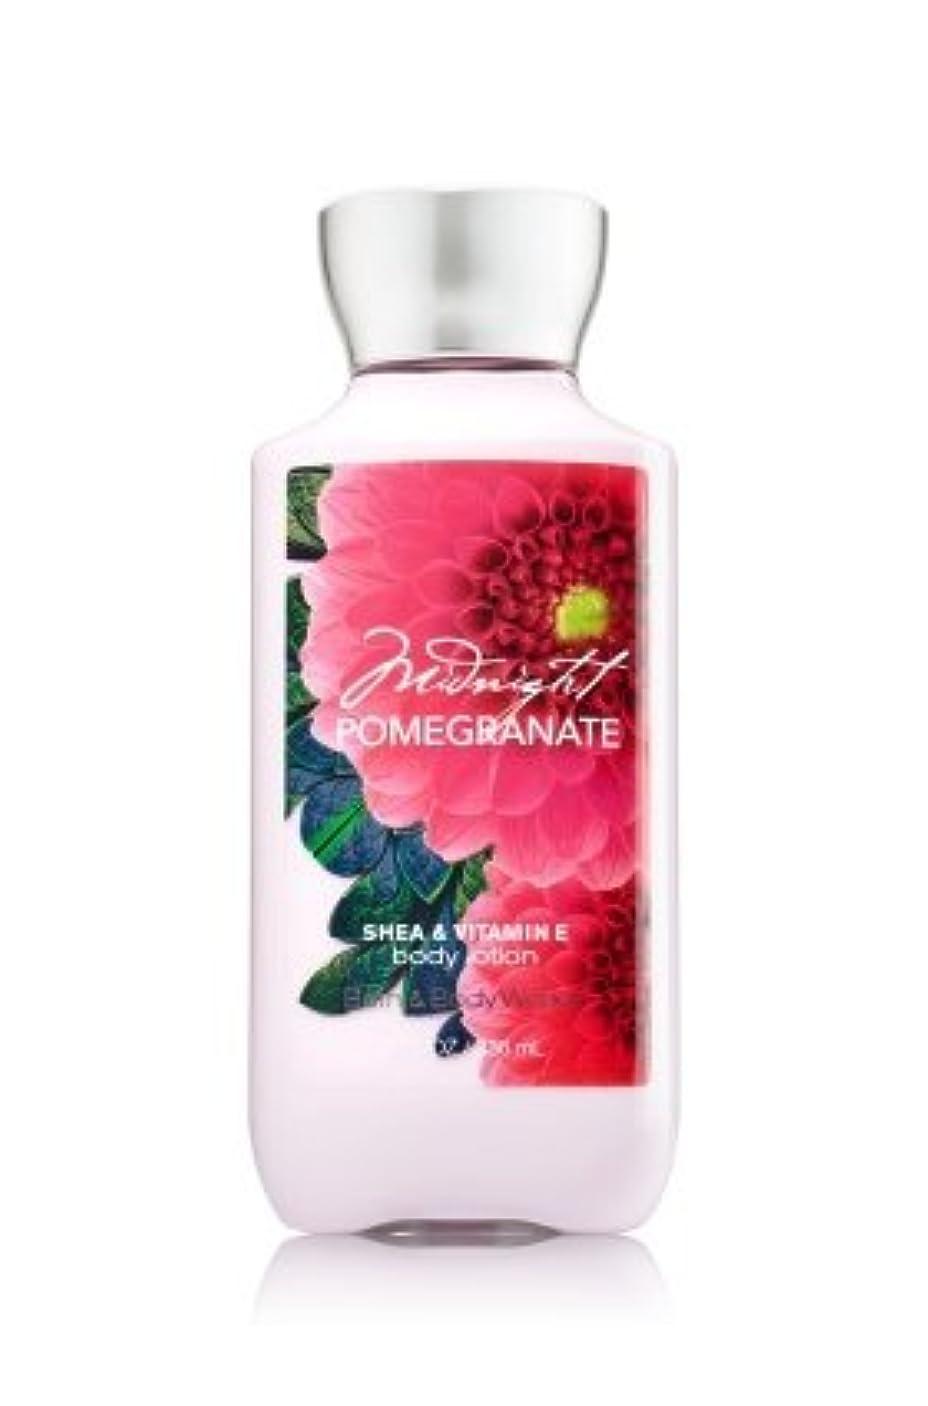 ジョブ周囲チューインガム【Bath&Body Works/バス&ボディワークス】 ボディローション ミッドナイトポメグラネート Body Lotion Midnight Pomegranate 8 fl oz / 236 mL [並行輸入品]